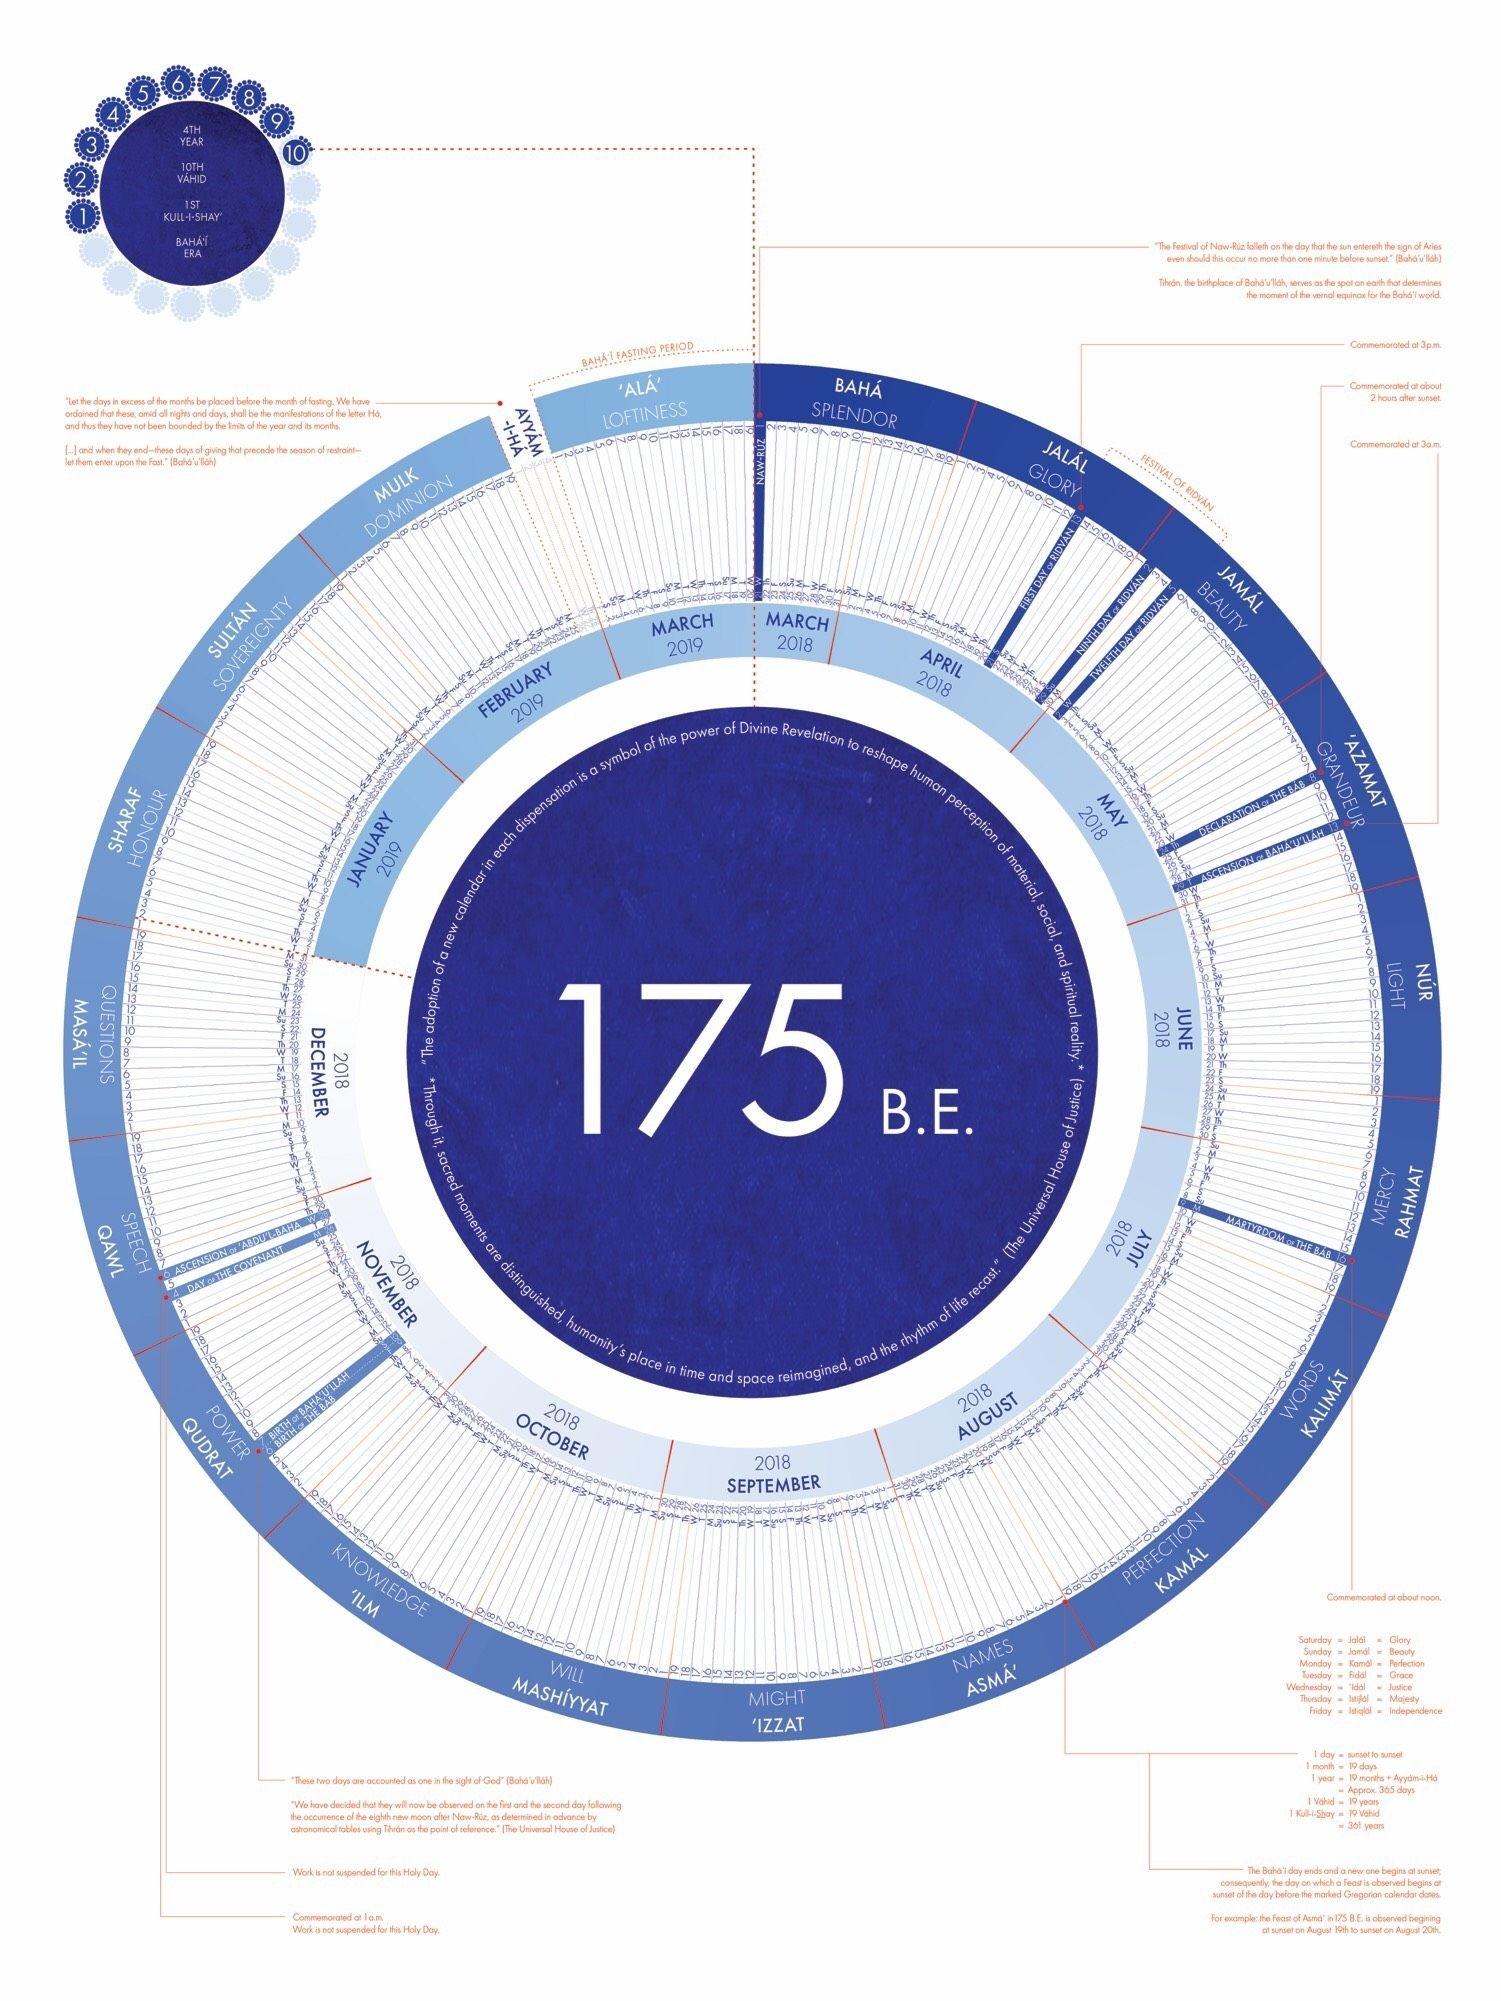 A Graphic That Shows The Bahá'í Calendar (Badí' Calendar) Alongside